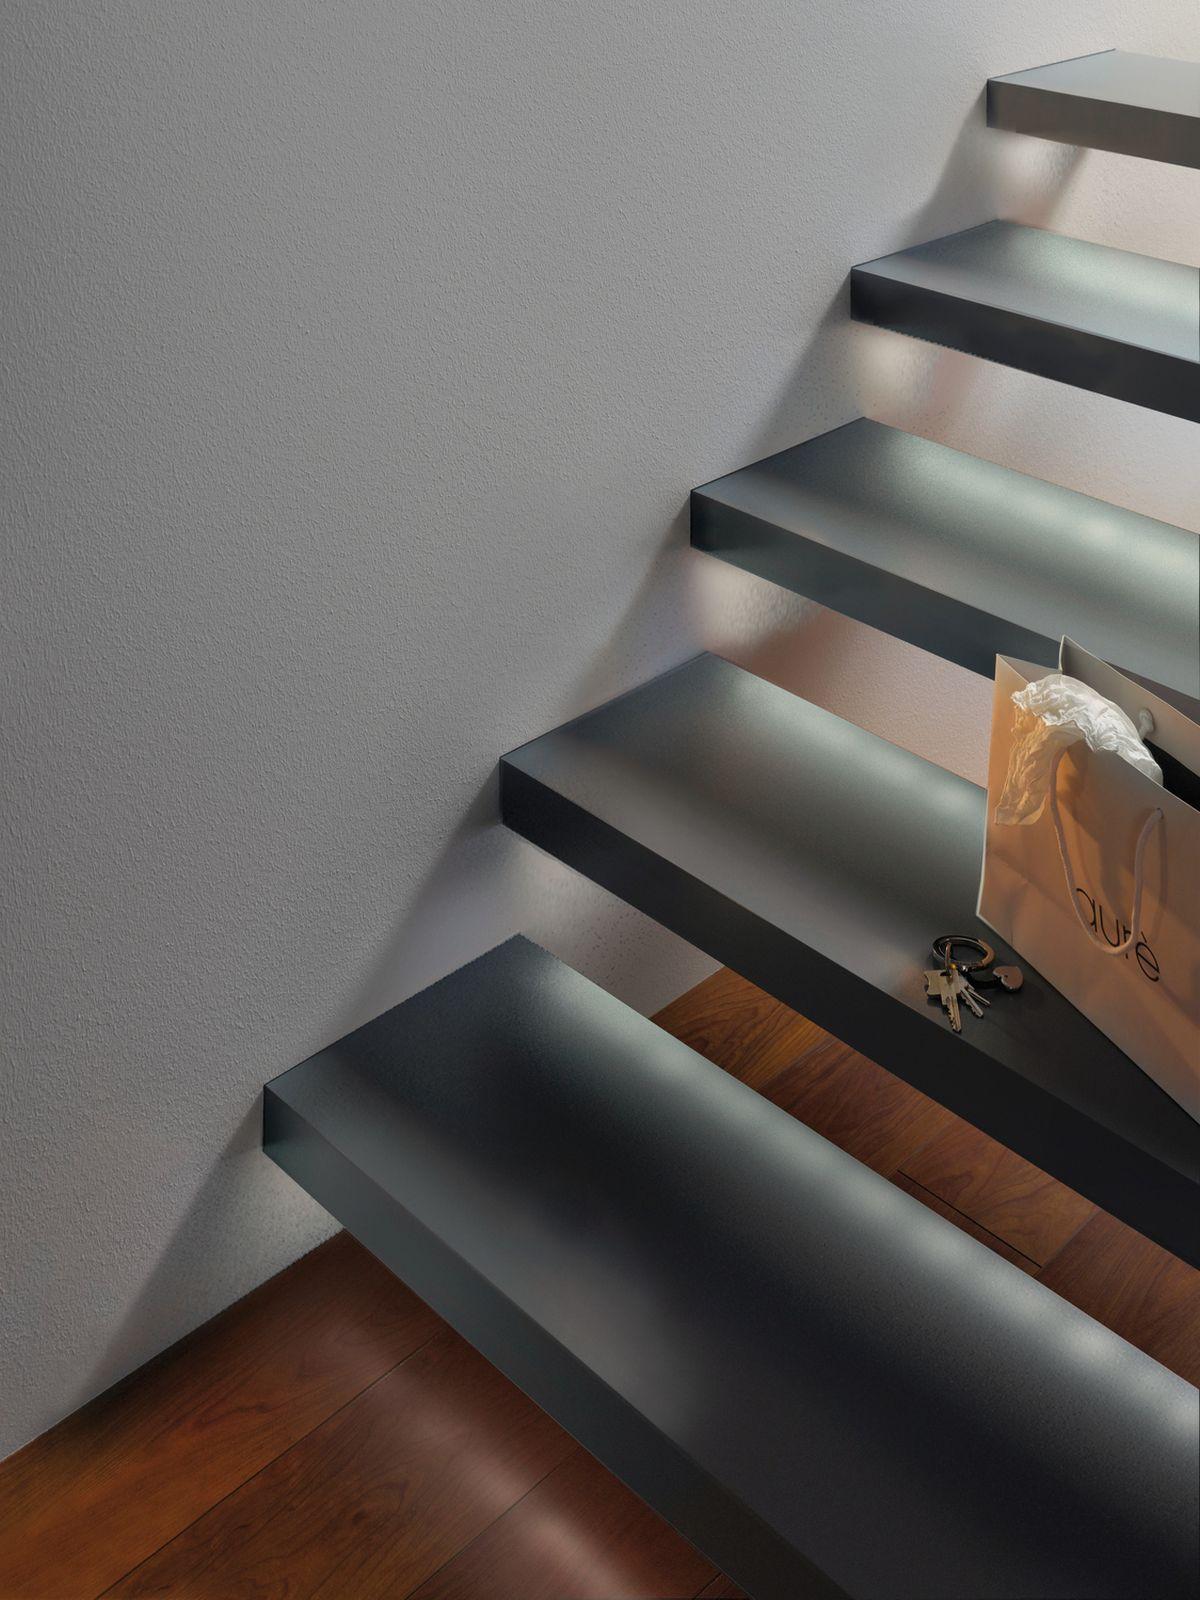 Der Neuste Lampen Trend Beleuchtete Treppenstufen Mit Den Paulmann Led Stripes Diese Beleuchtung Ist Ni Treppenstufen Gestalten Hausverschonerung Beleuchtung